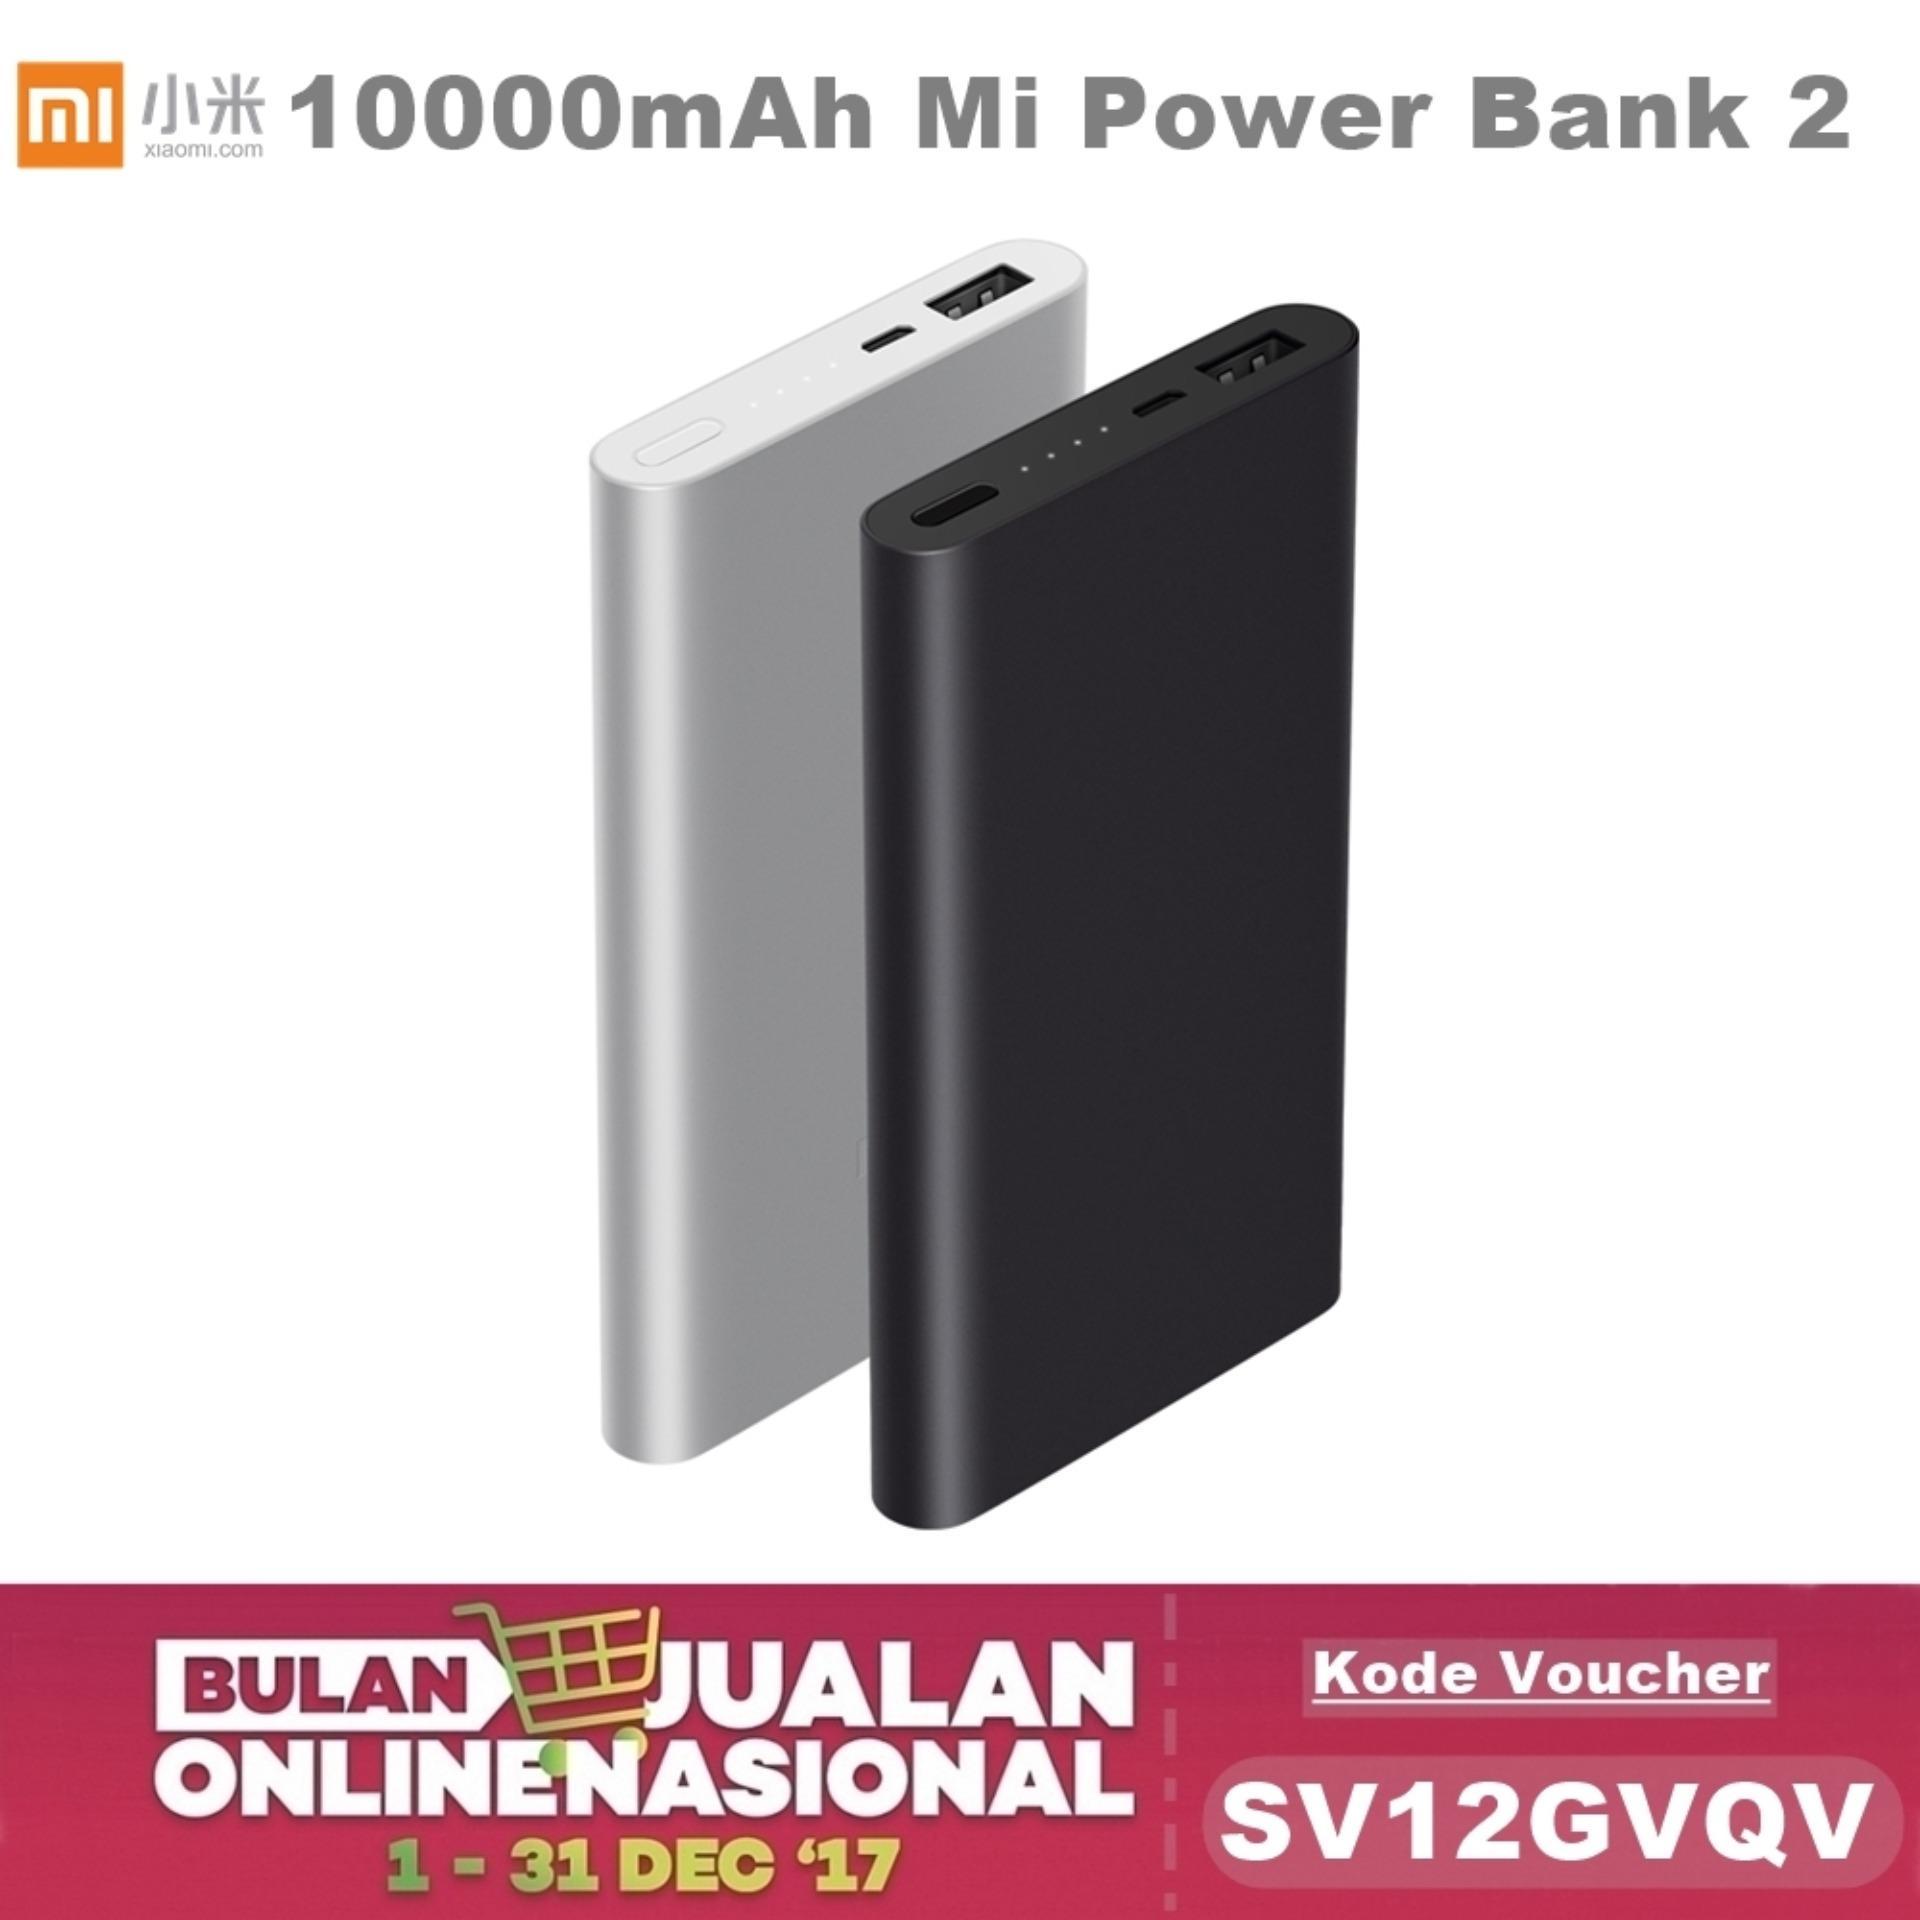 Spesifikasi Xiaomi Powerbank Slim 2 10000Mah Powerbank Xiaomi Fast Silver Lengkap